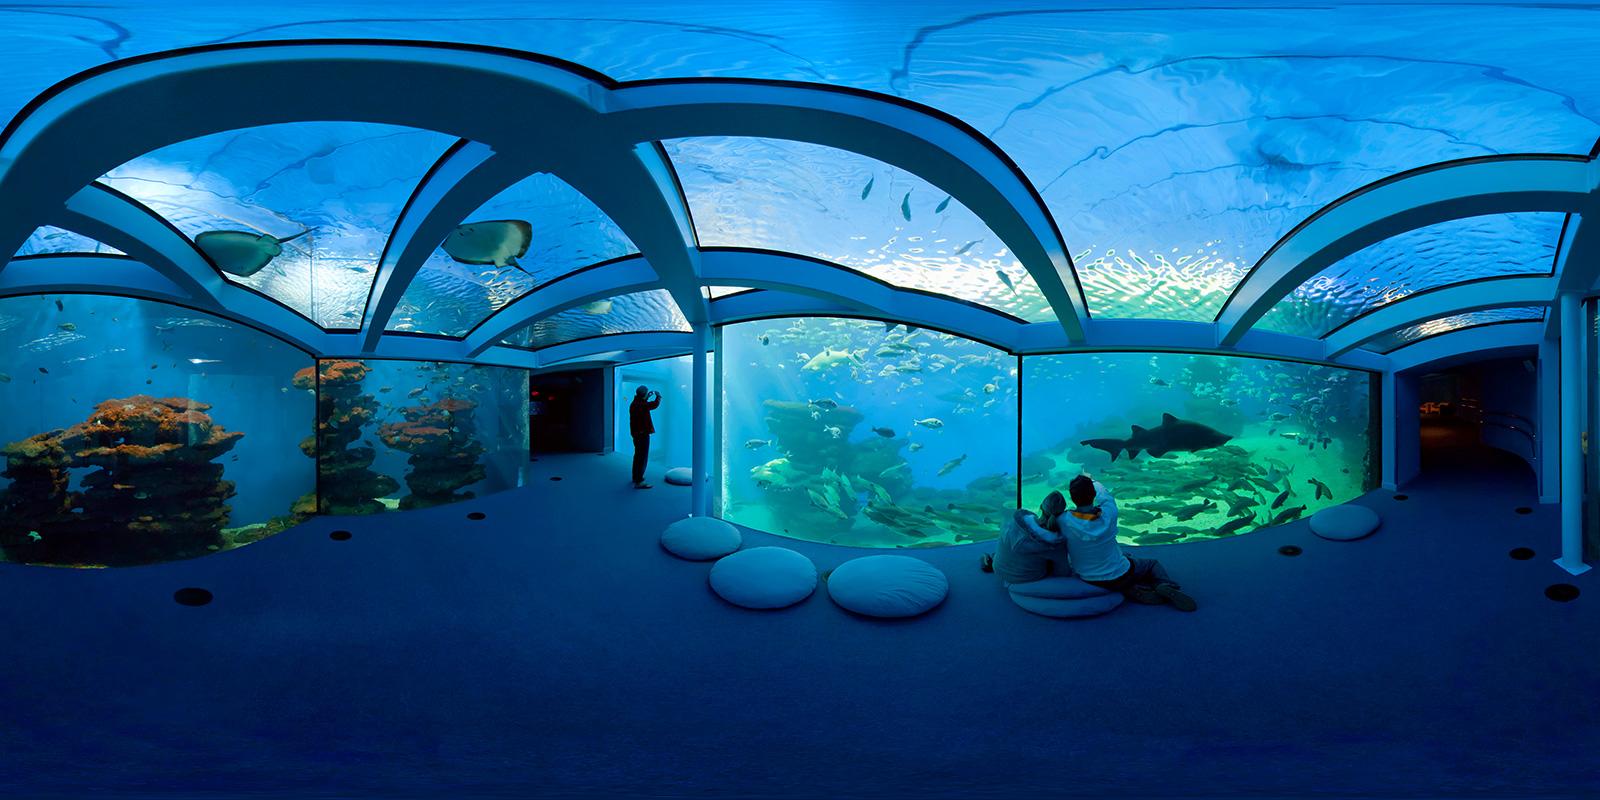 Aquarium Palma De Mallorca Spain 360 176 Vr Panorama